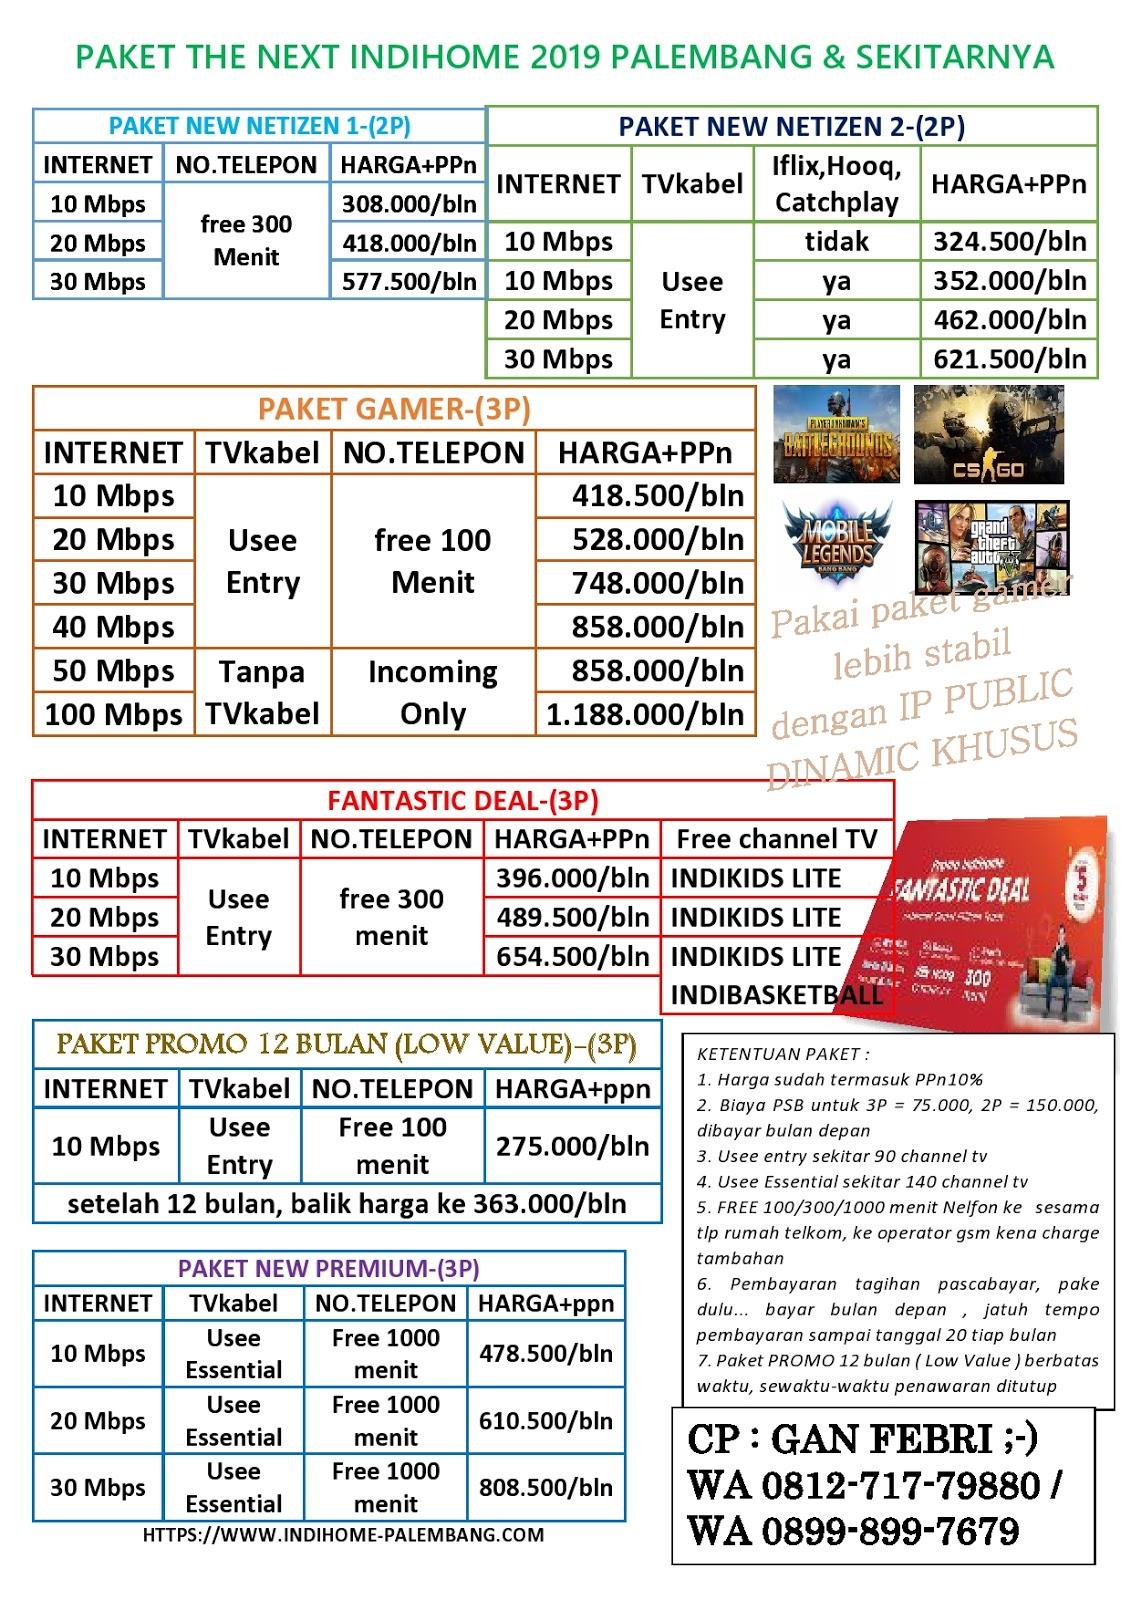 third image of Tersedia Paket Promo 12bulan Hanya 250ribu Perbulan with Tersedia paket promo 12bulan hanya 250ribu perbulan